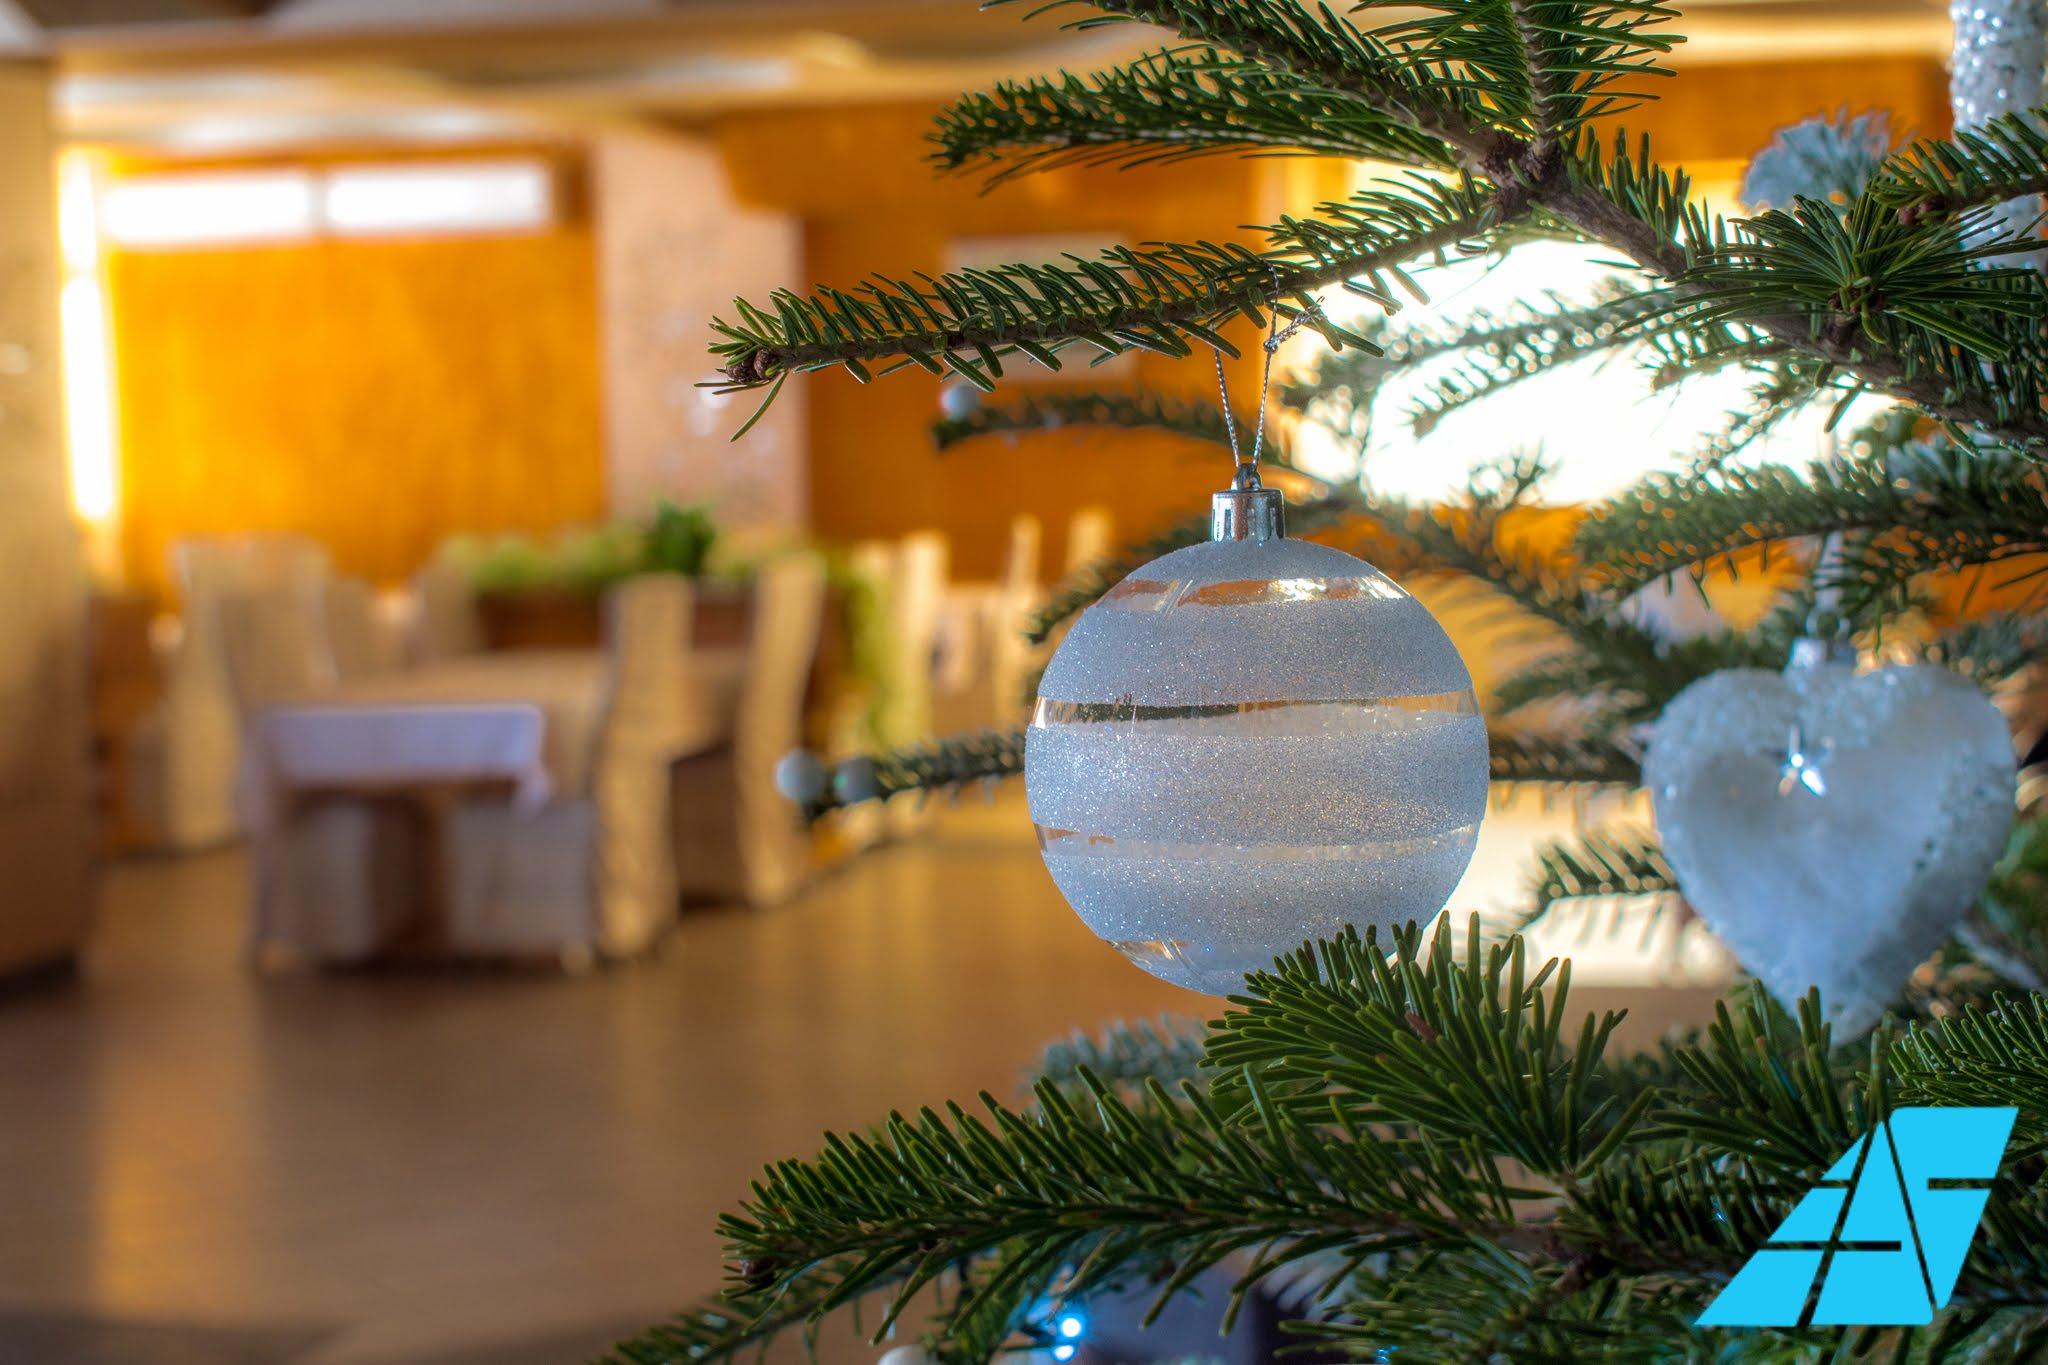 Božićno drvce detalj 2